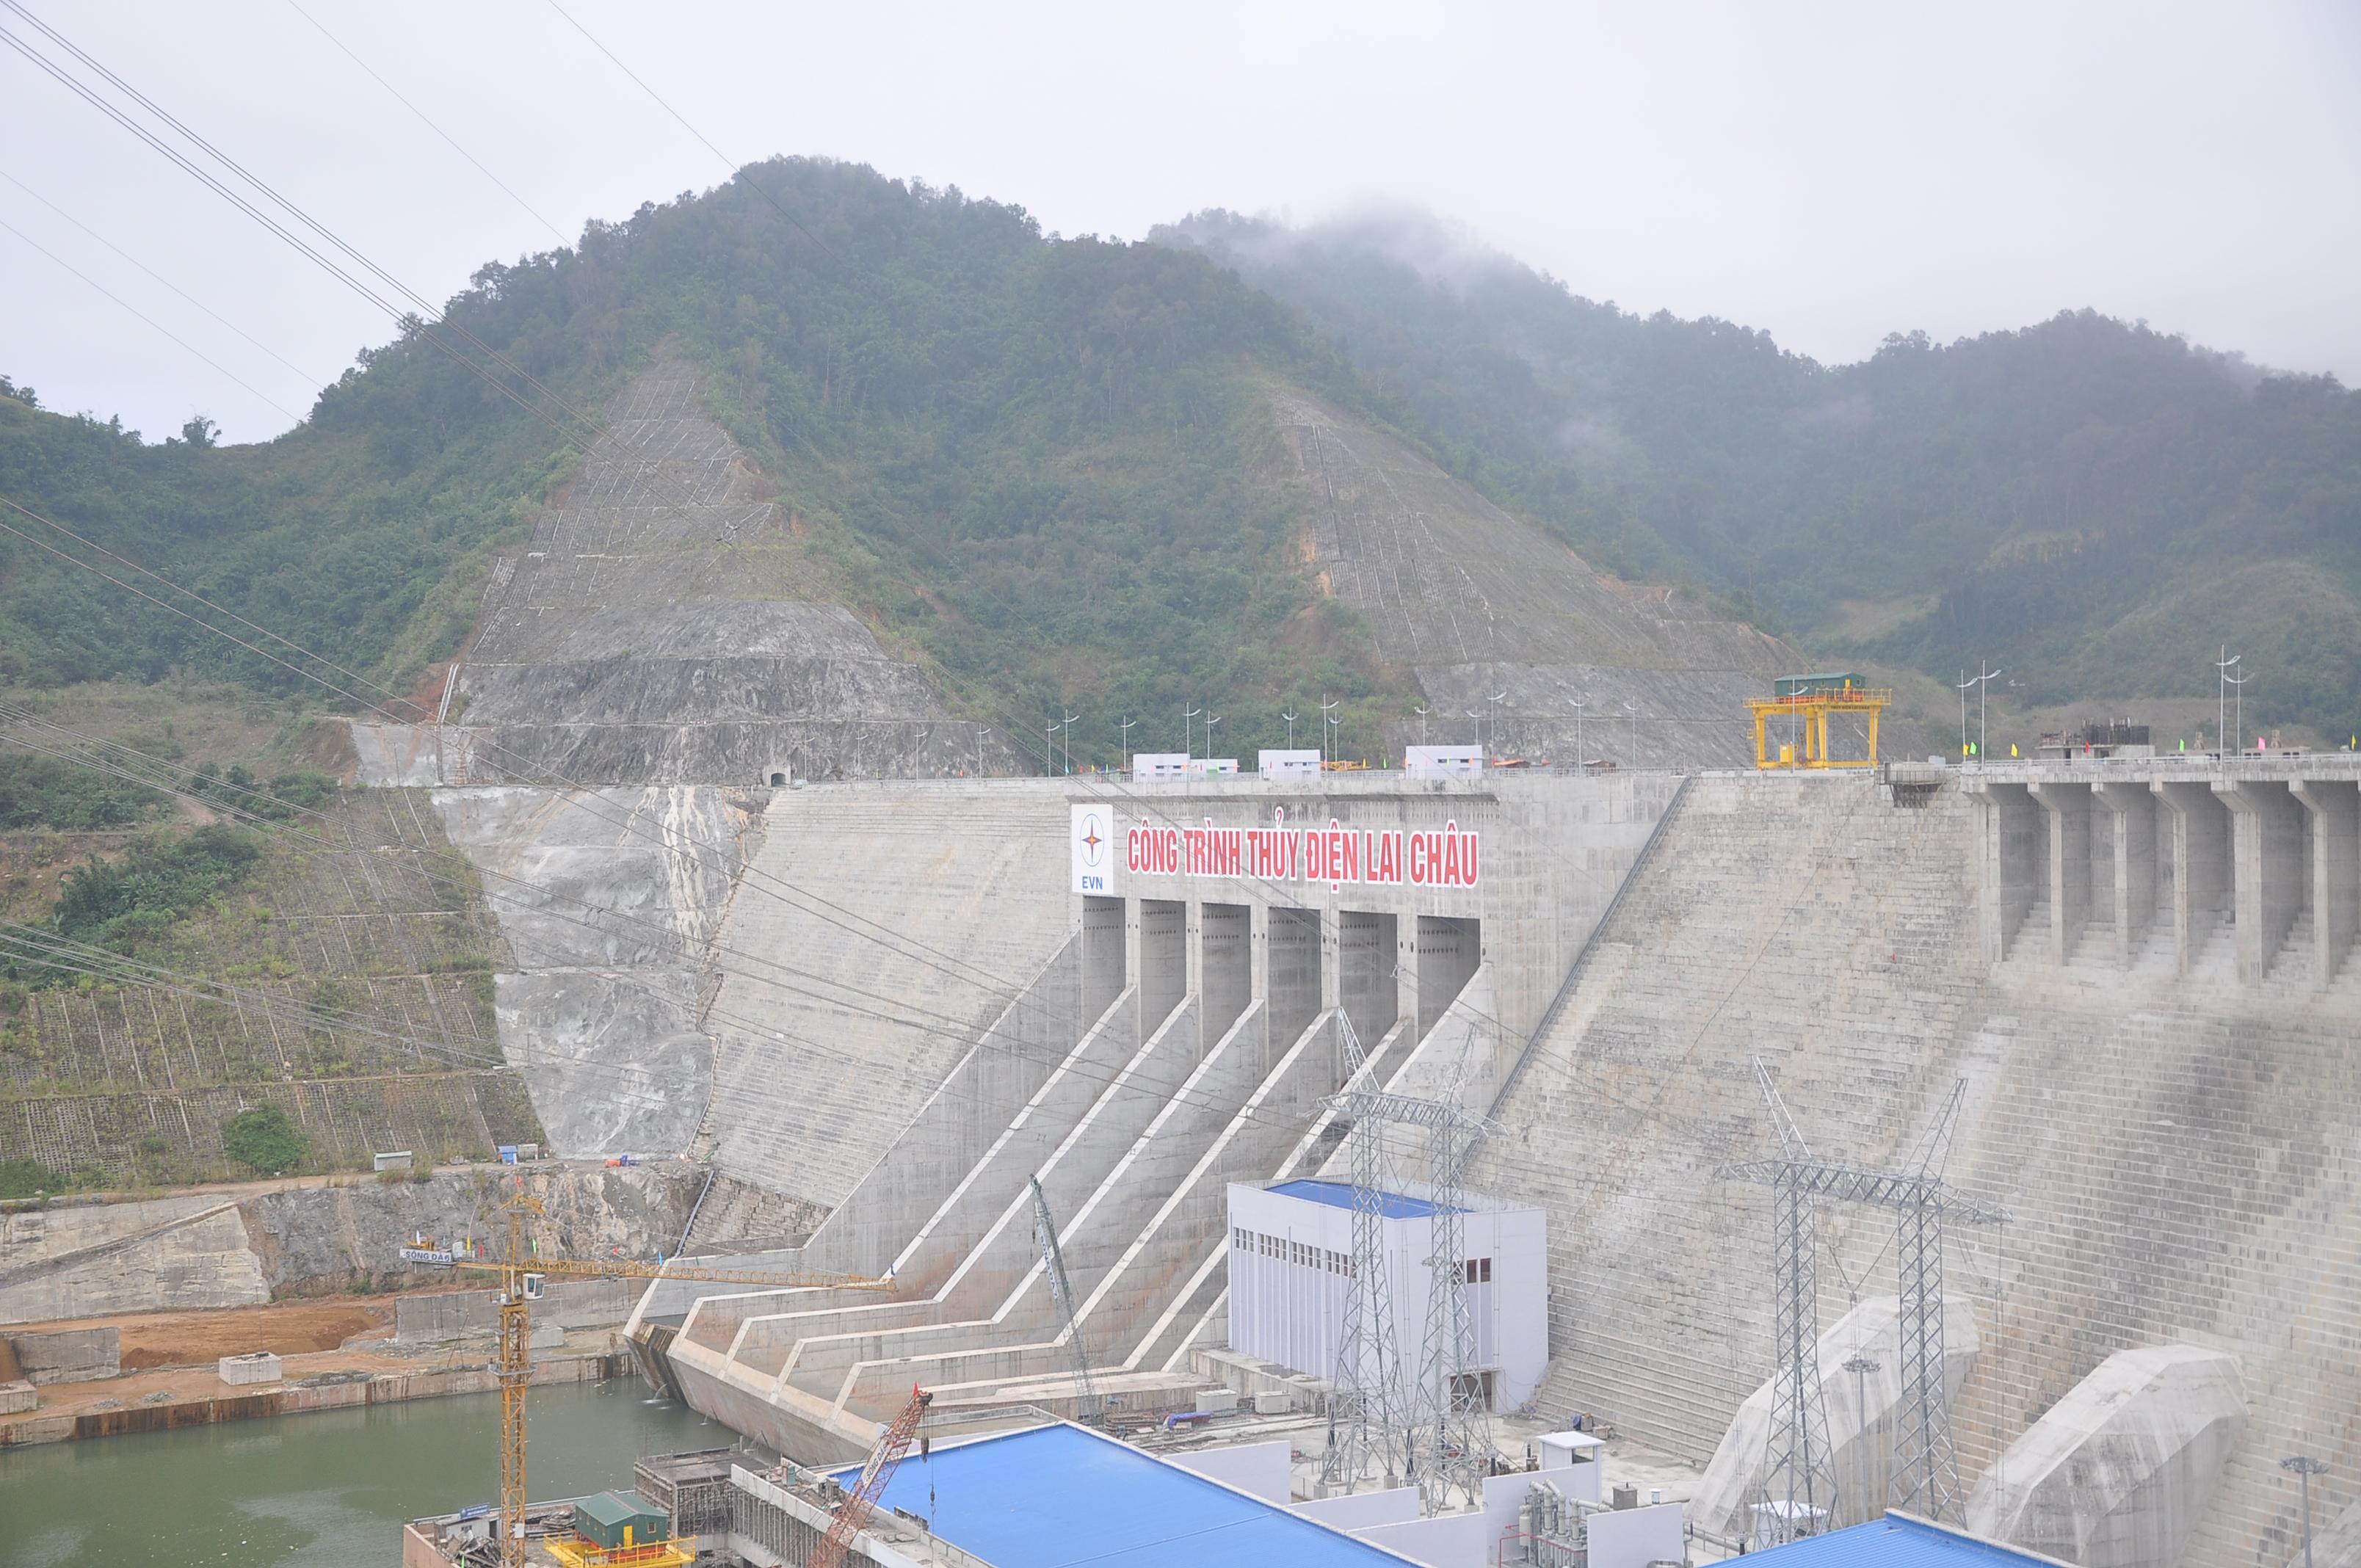 Thủy điện Lai Châu là công trình Thủy điện trên thượng lưu sông Đà. Dự án nằm trên địa bàn vùng giáp biên và vùng sâu vùng xa hạng đặc biệt